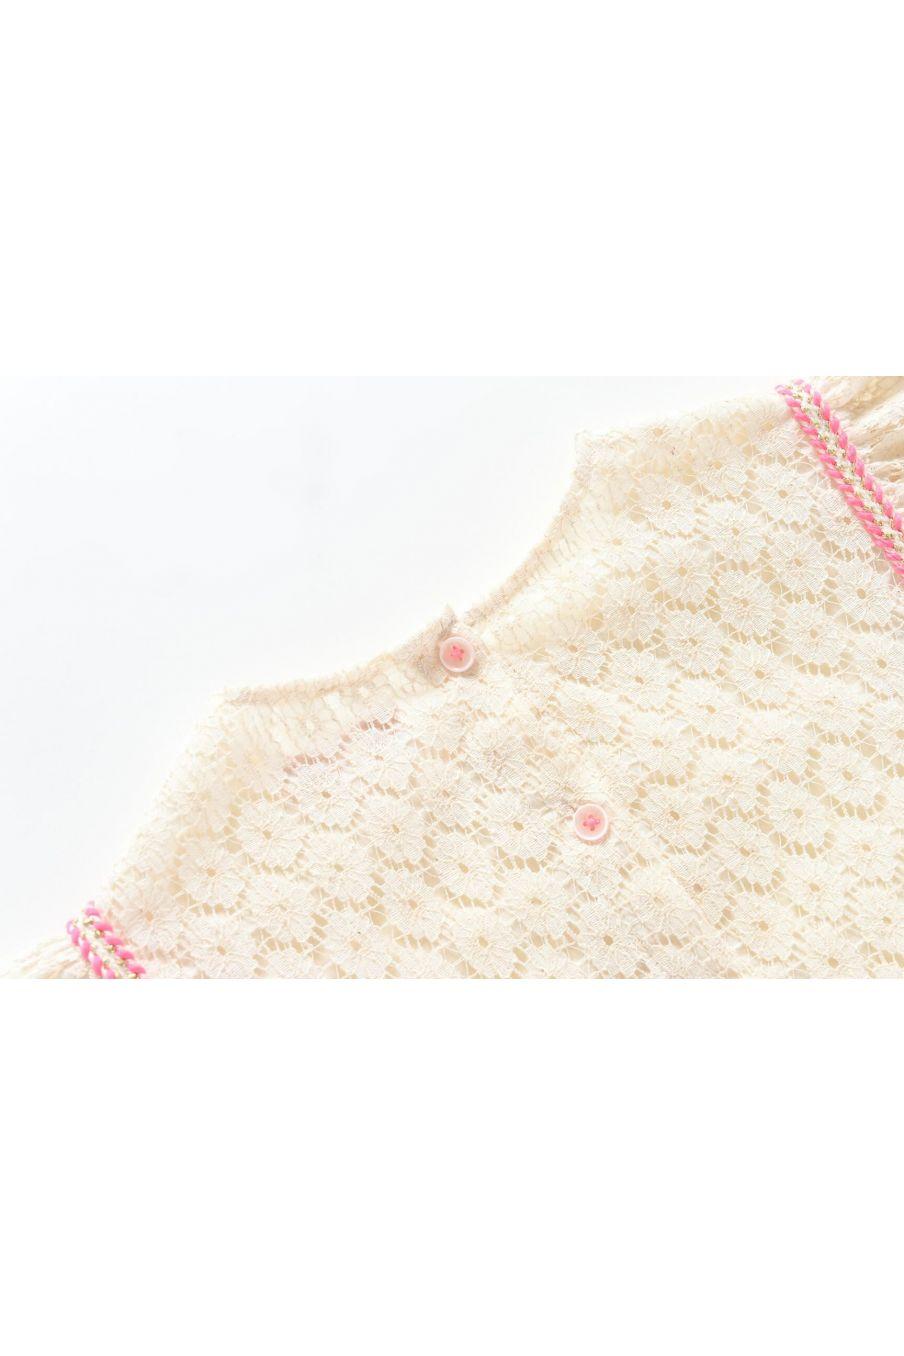 boheme chic vintage top fille paola cream flower lace